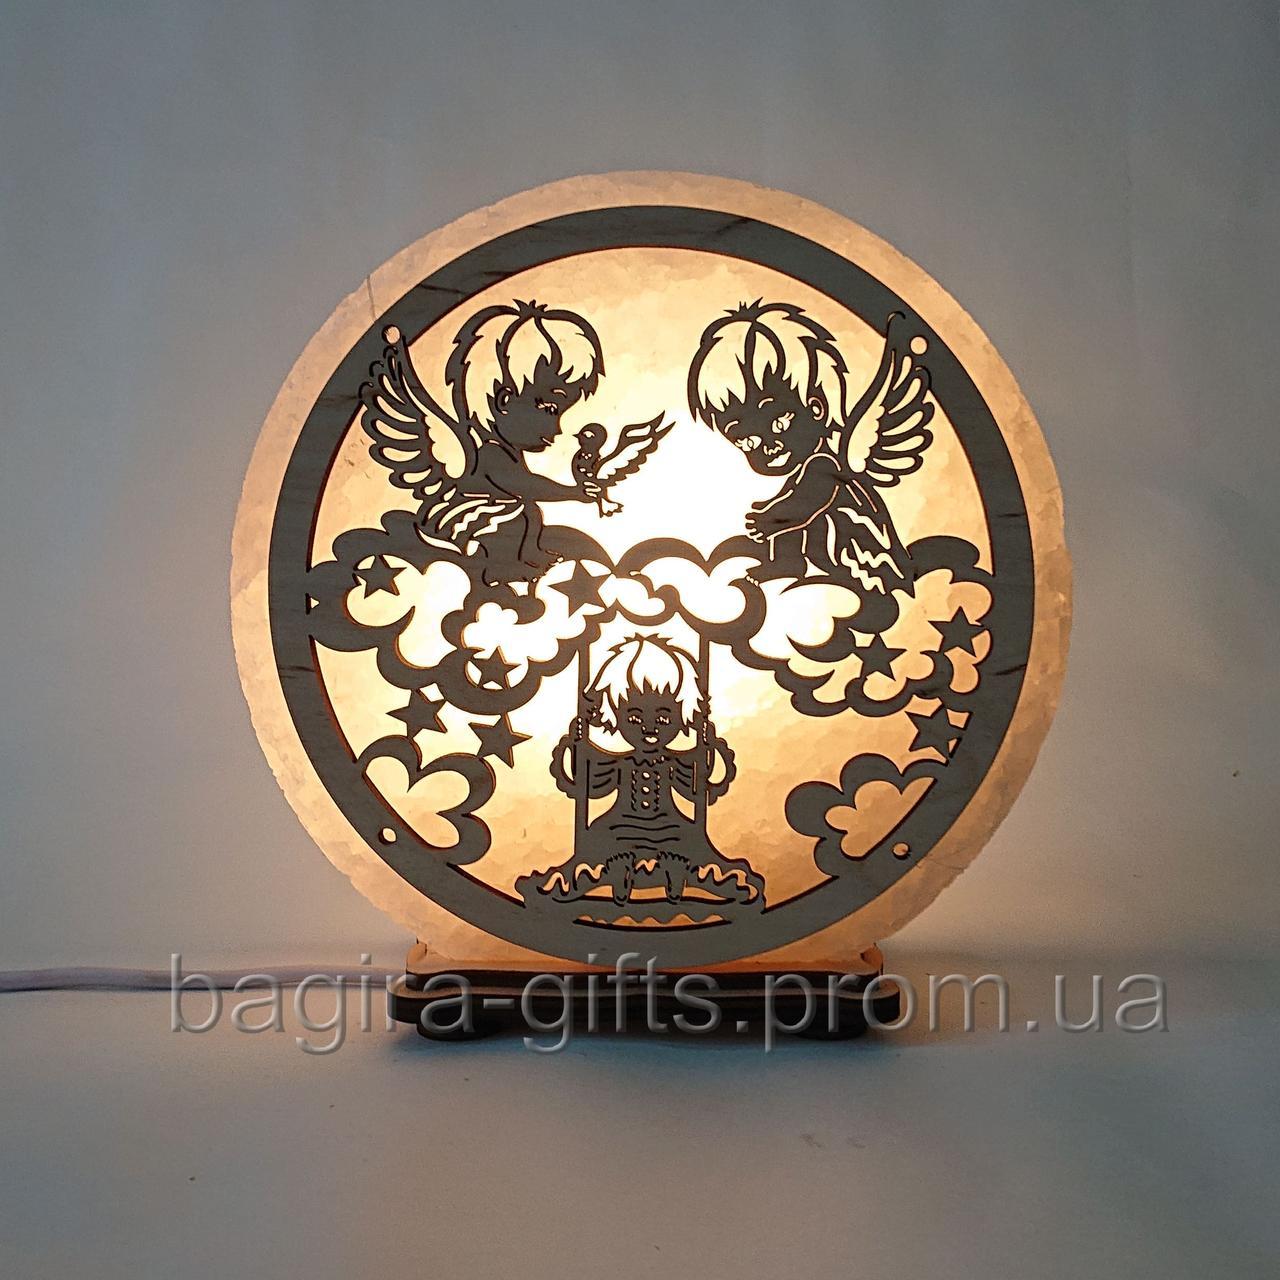 Солевой ночник Ангелы на тучах. Подарок соляная лампа светильник сыну дочке ребенку на крестины на рождение